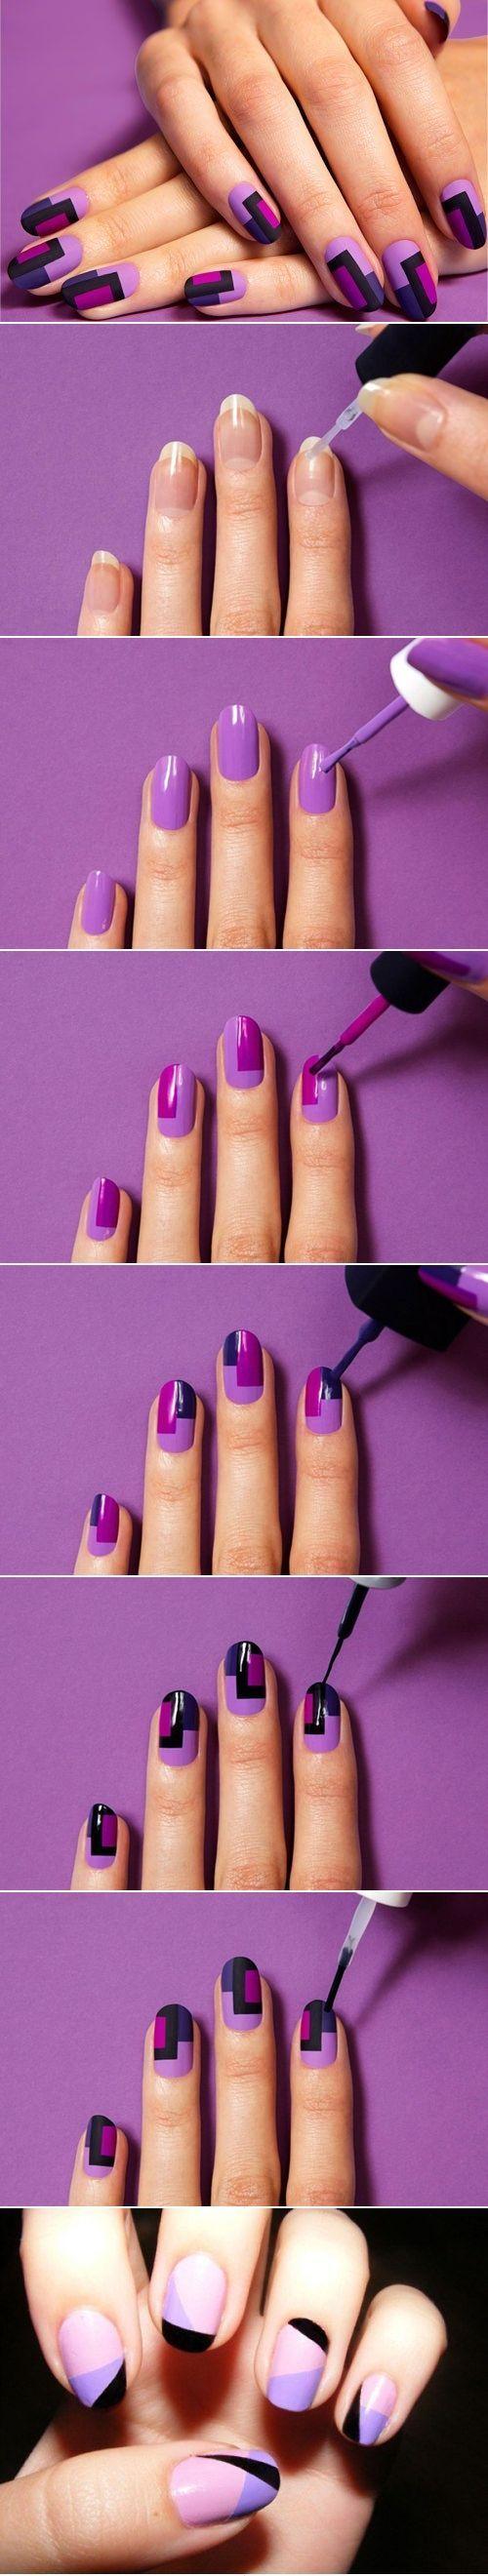 Las uñas son el complemento perfecto para lucir bien, mira aquí más ideas